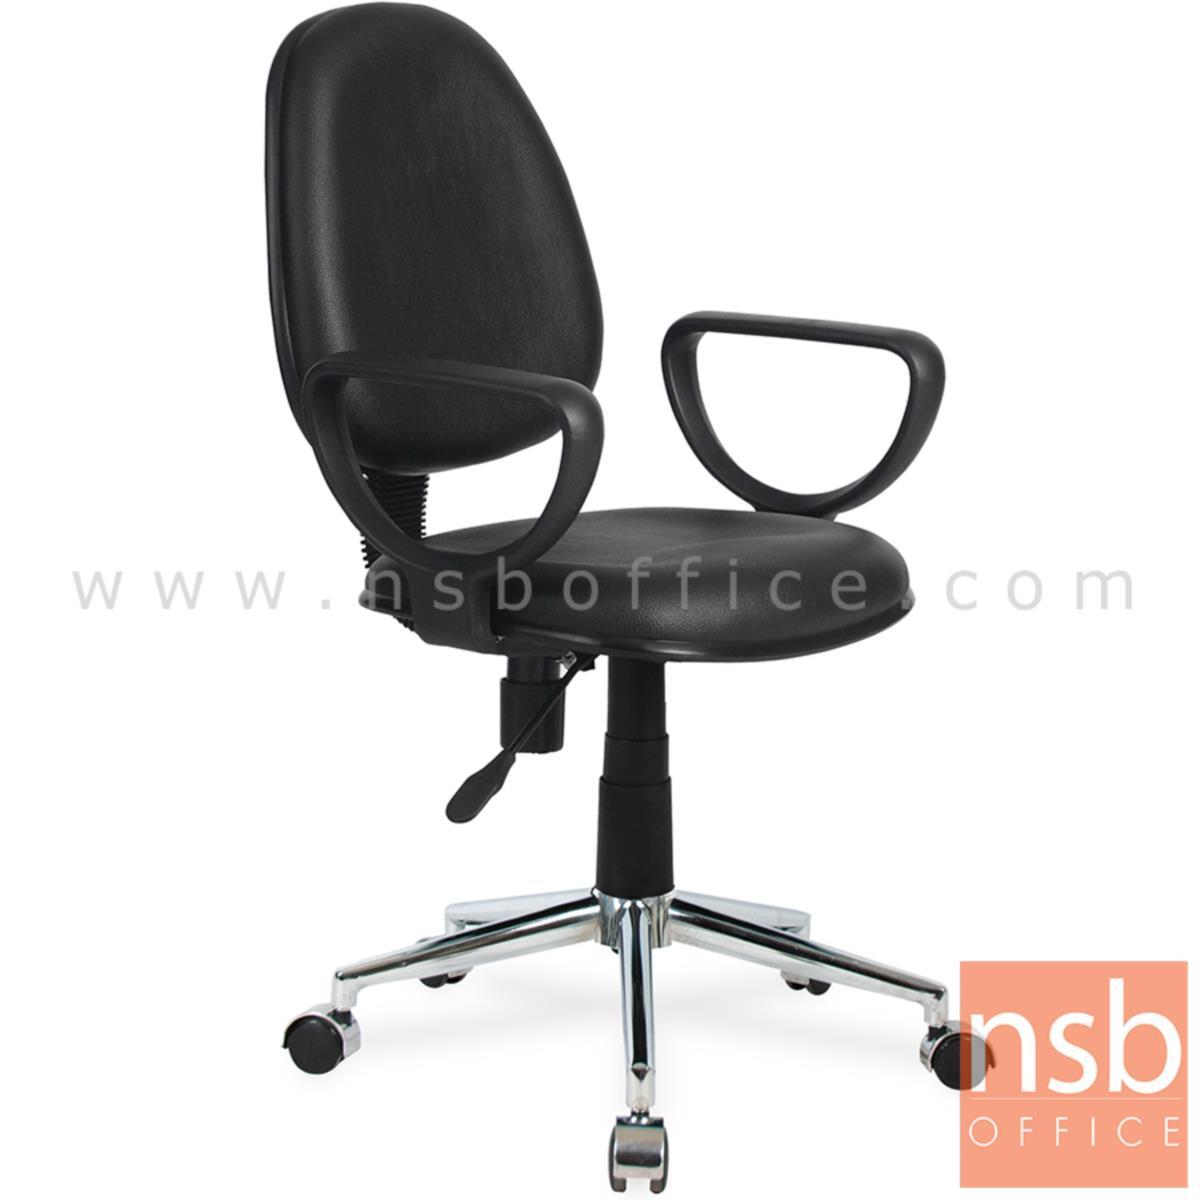 B03A482:เก้าอี้สำนักงาน รุ่น Wingreen โช๊คแก๊ส ก้อนโยก ขาเหล็กชุบโครเมี่ยม